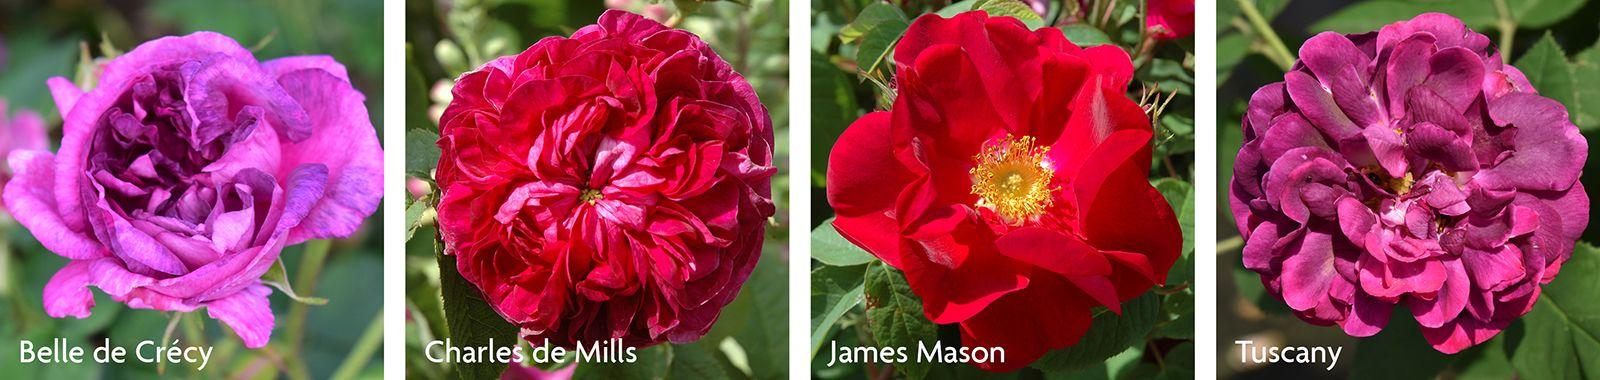 Gallica Roses